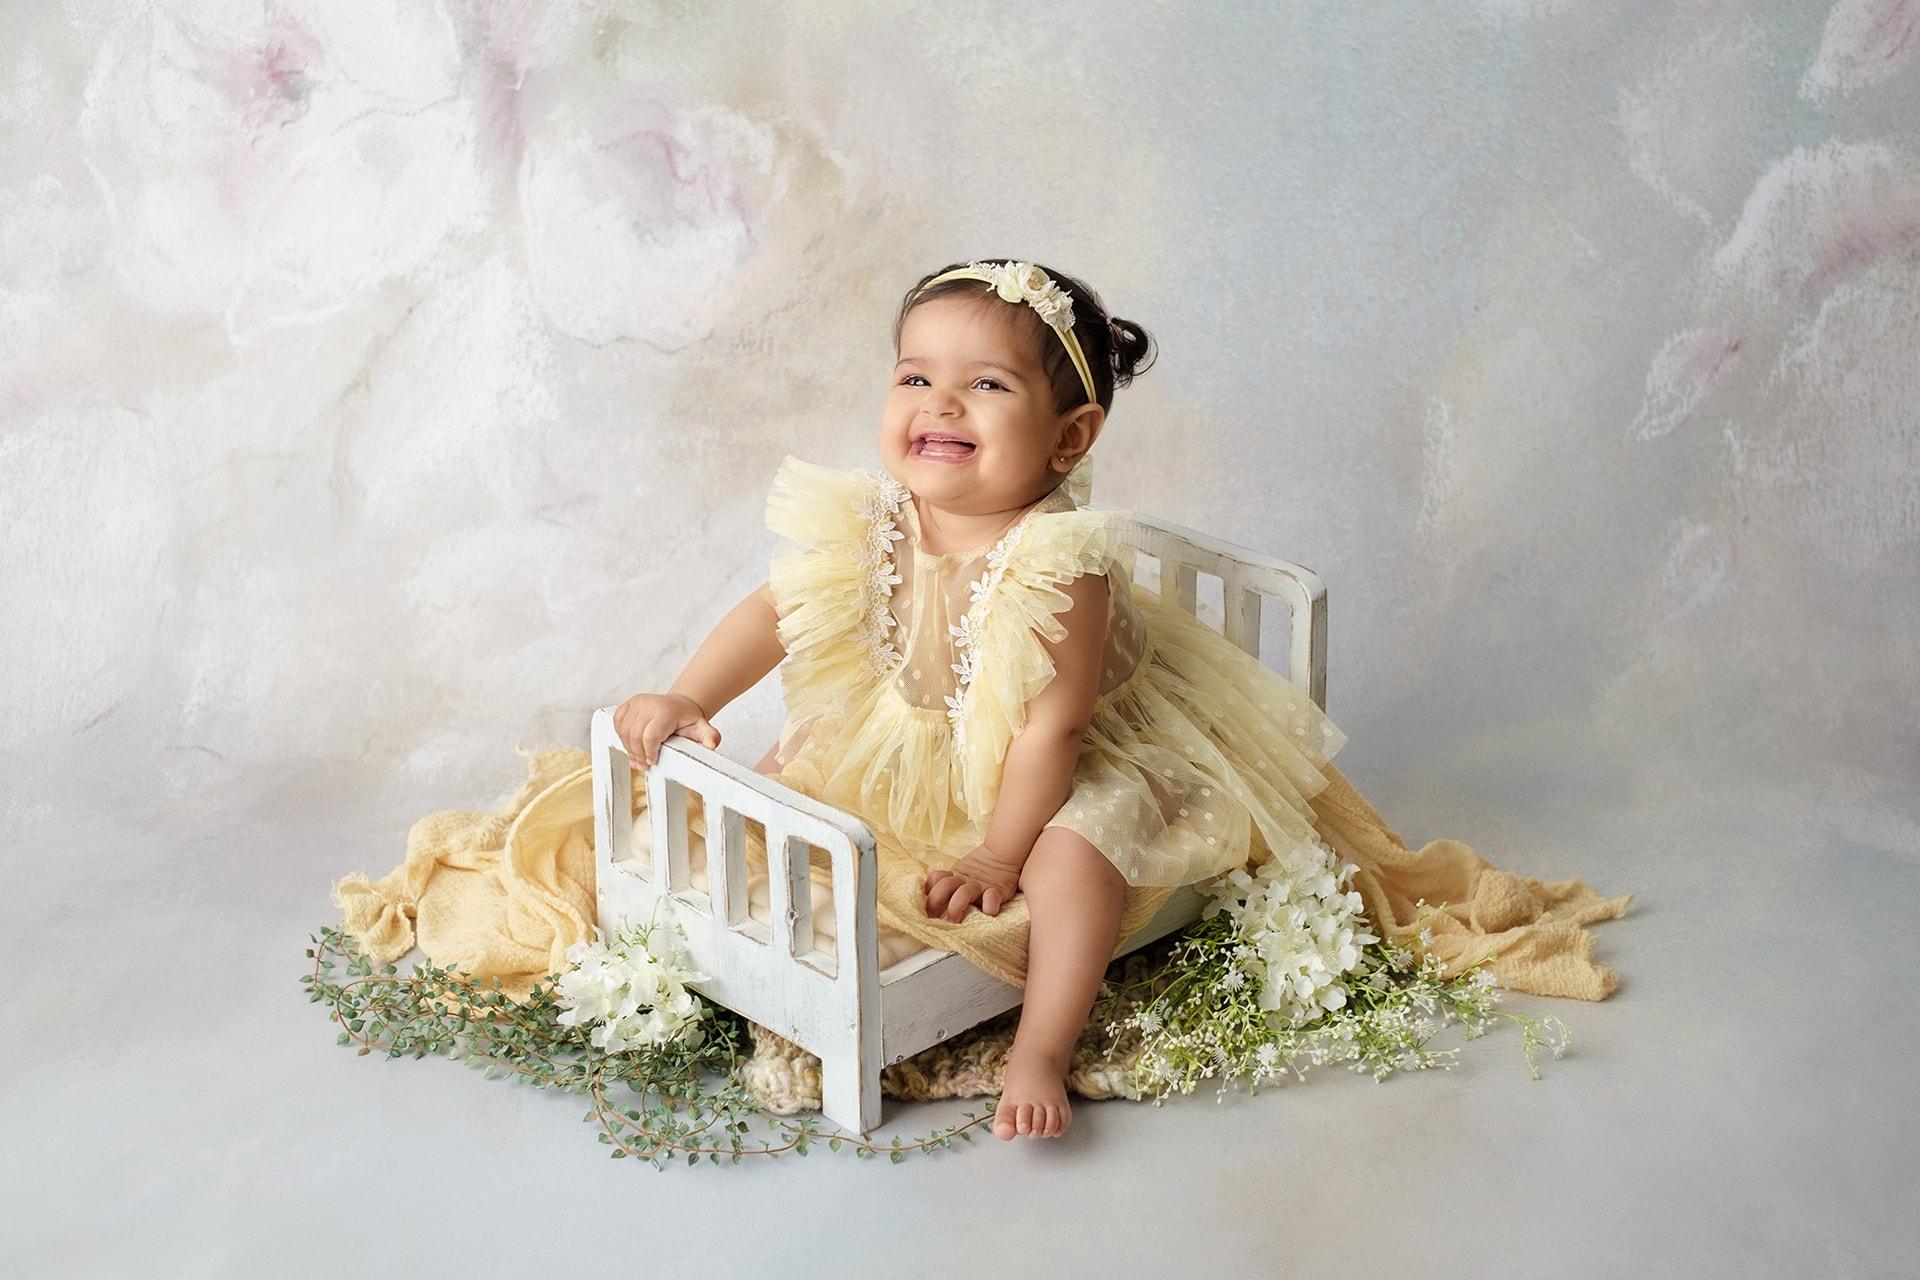 Portrait bébé avec lit en bois et fleurs